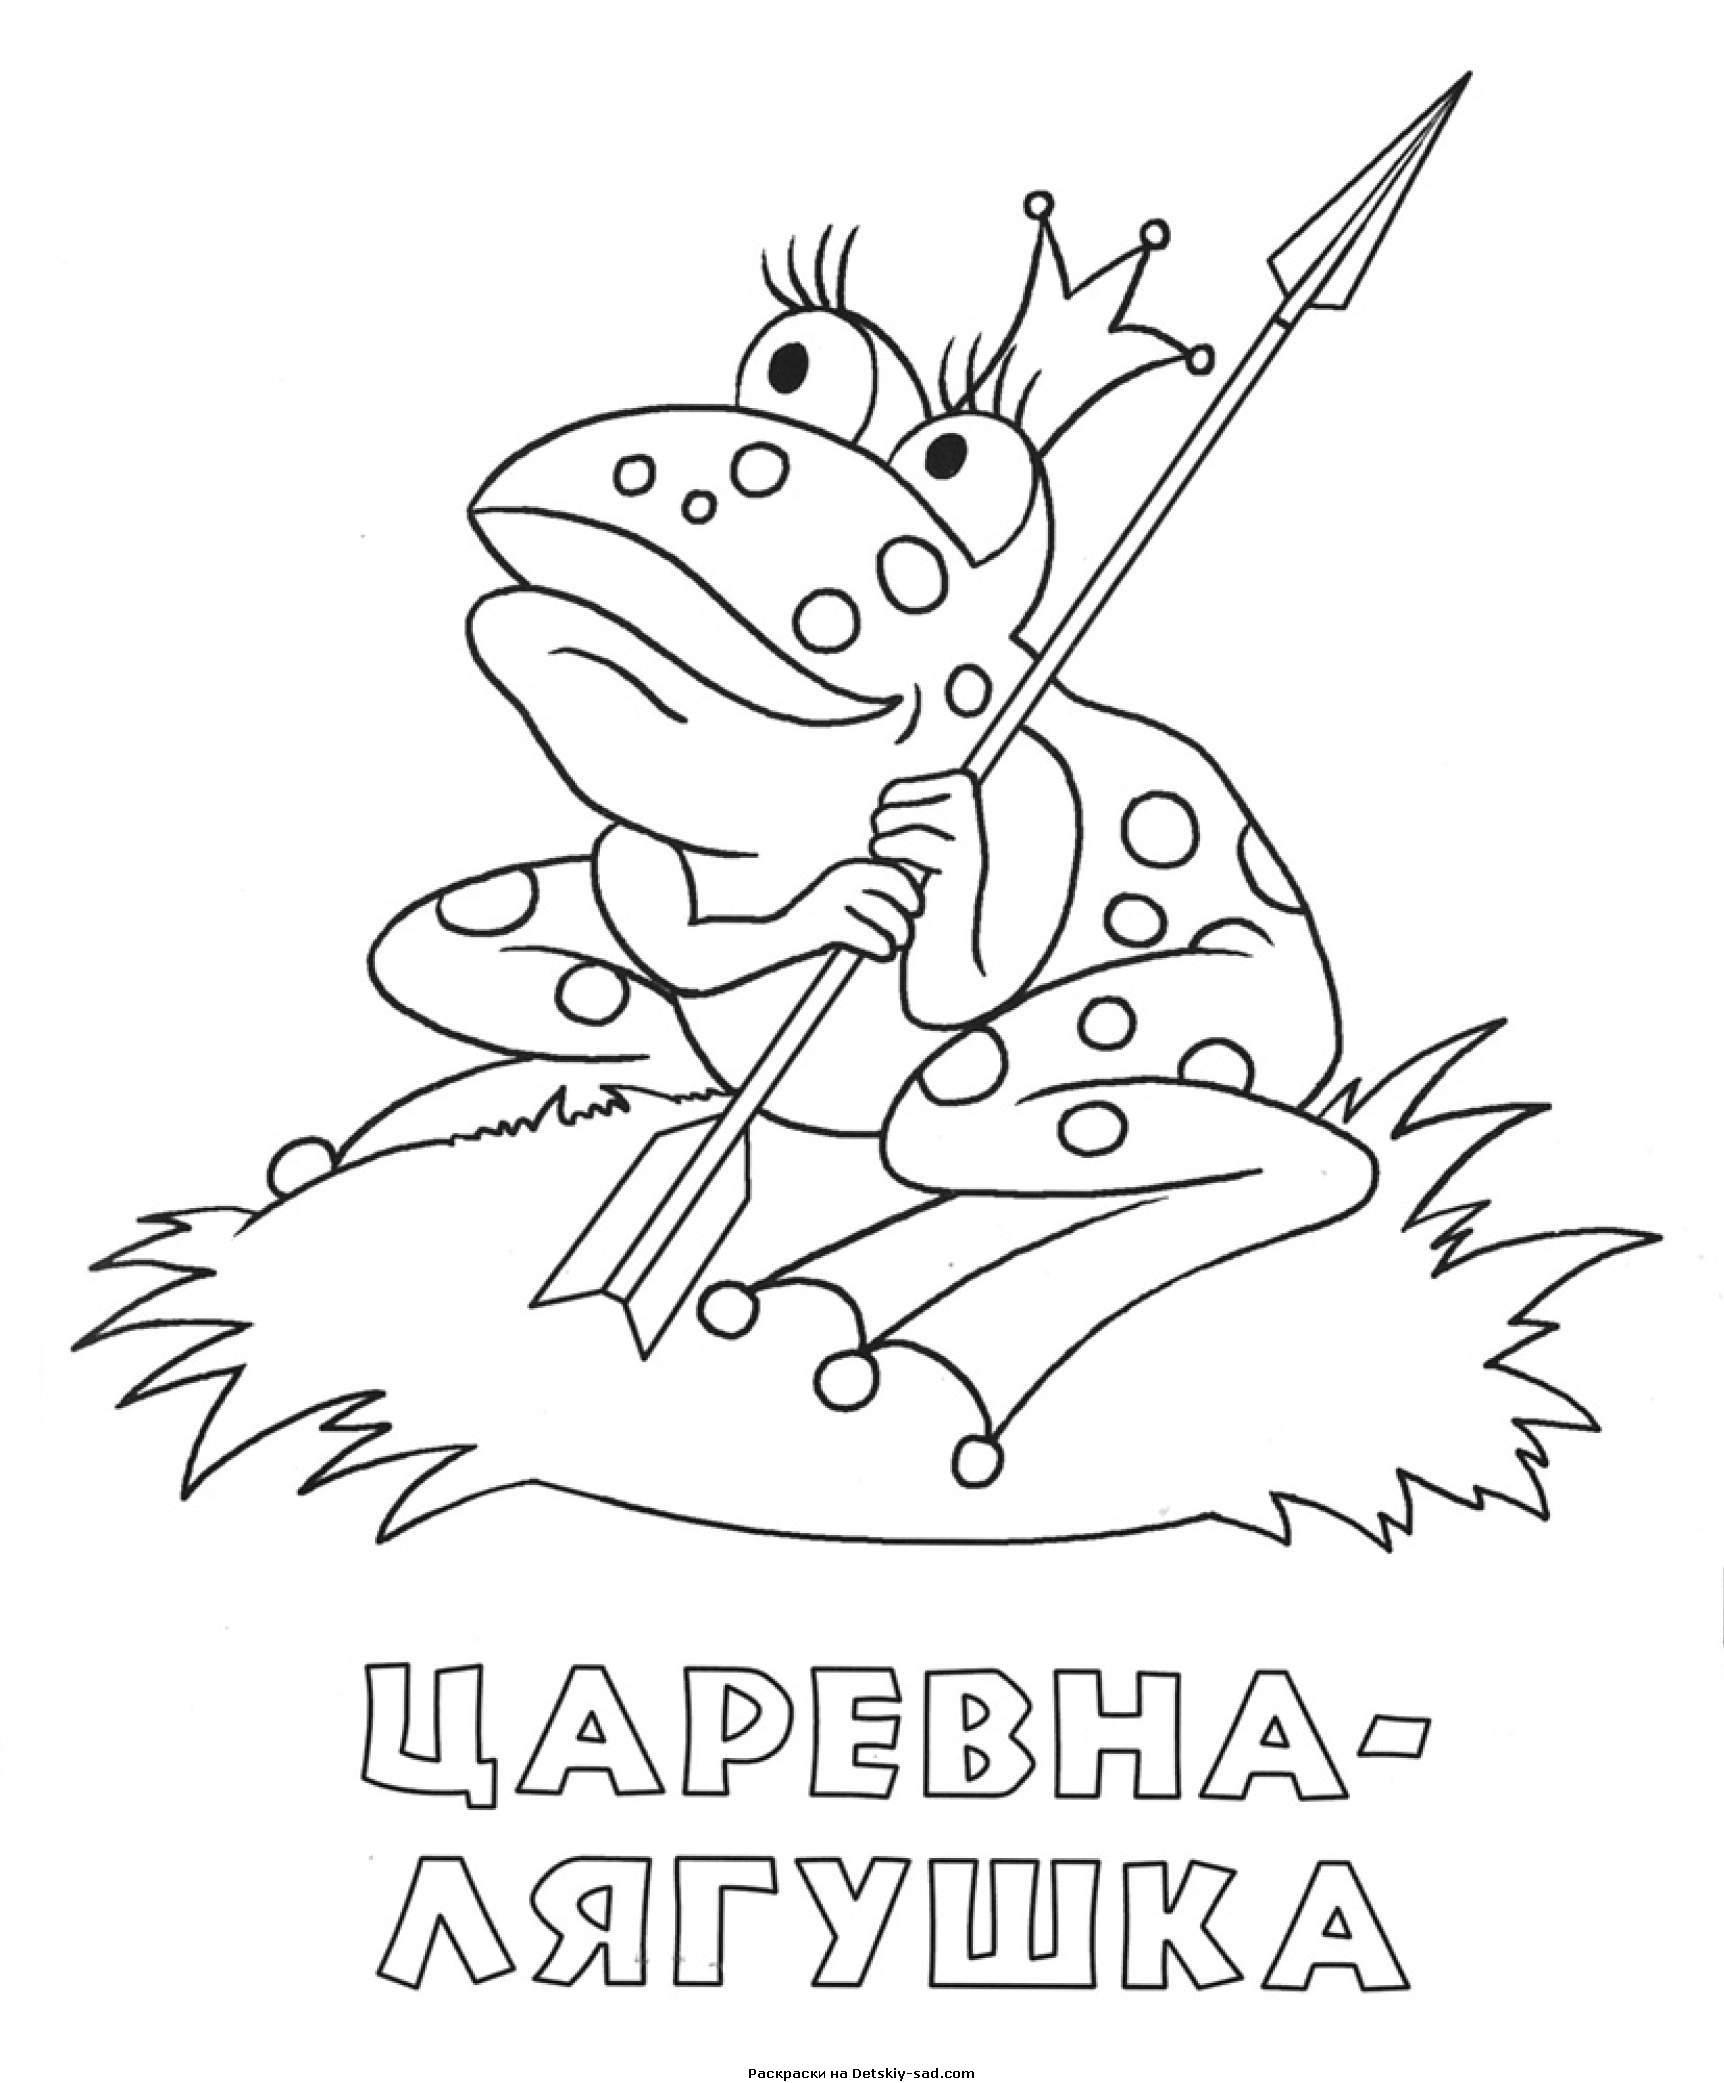 Сказка про царевну лягушку 17 фотография